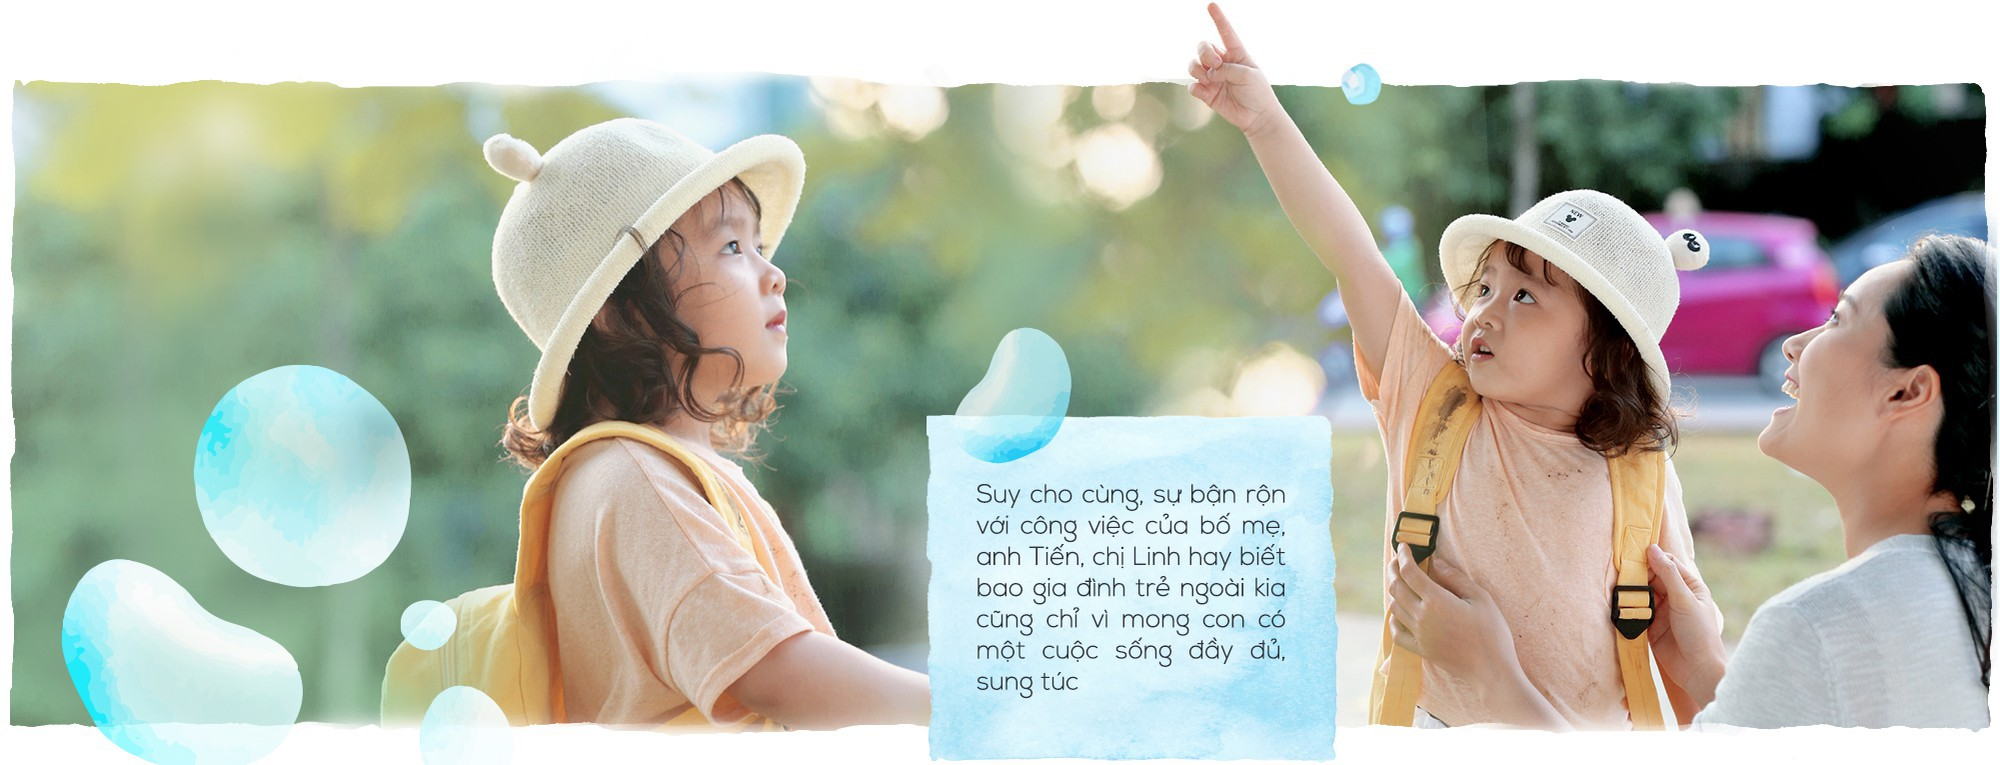 Hơn cả 1/6, điều con cái thực sự cần là những yêu thương dịu nhẹ suốt 365 ngày - Ảnh 7.